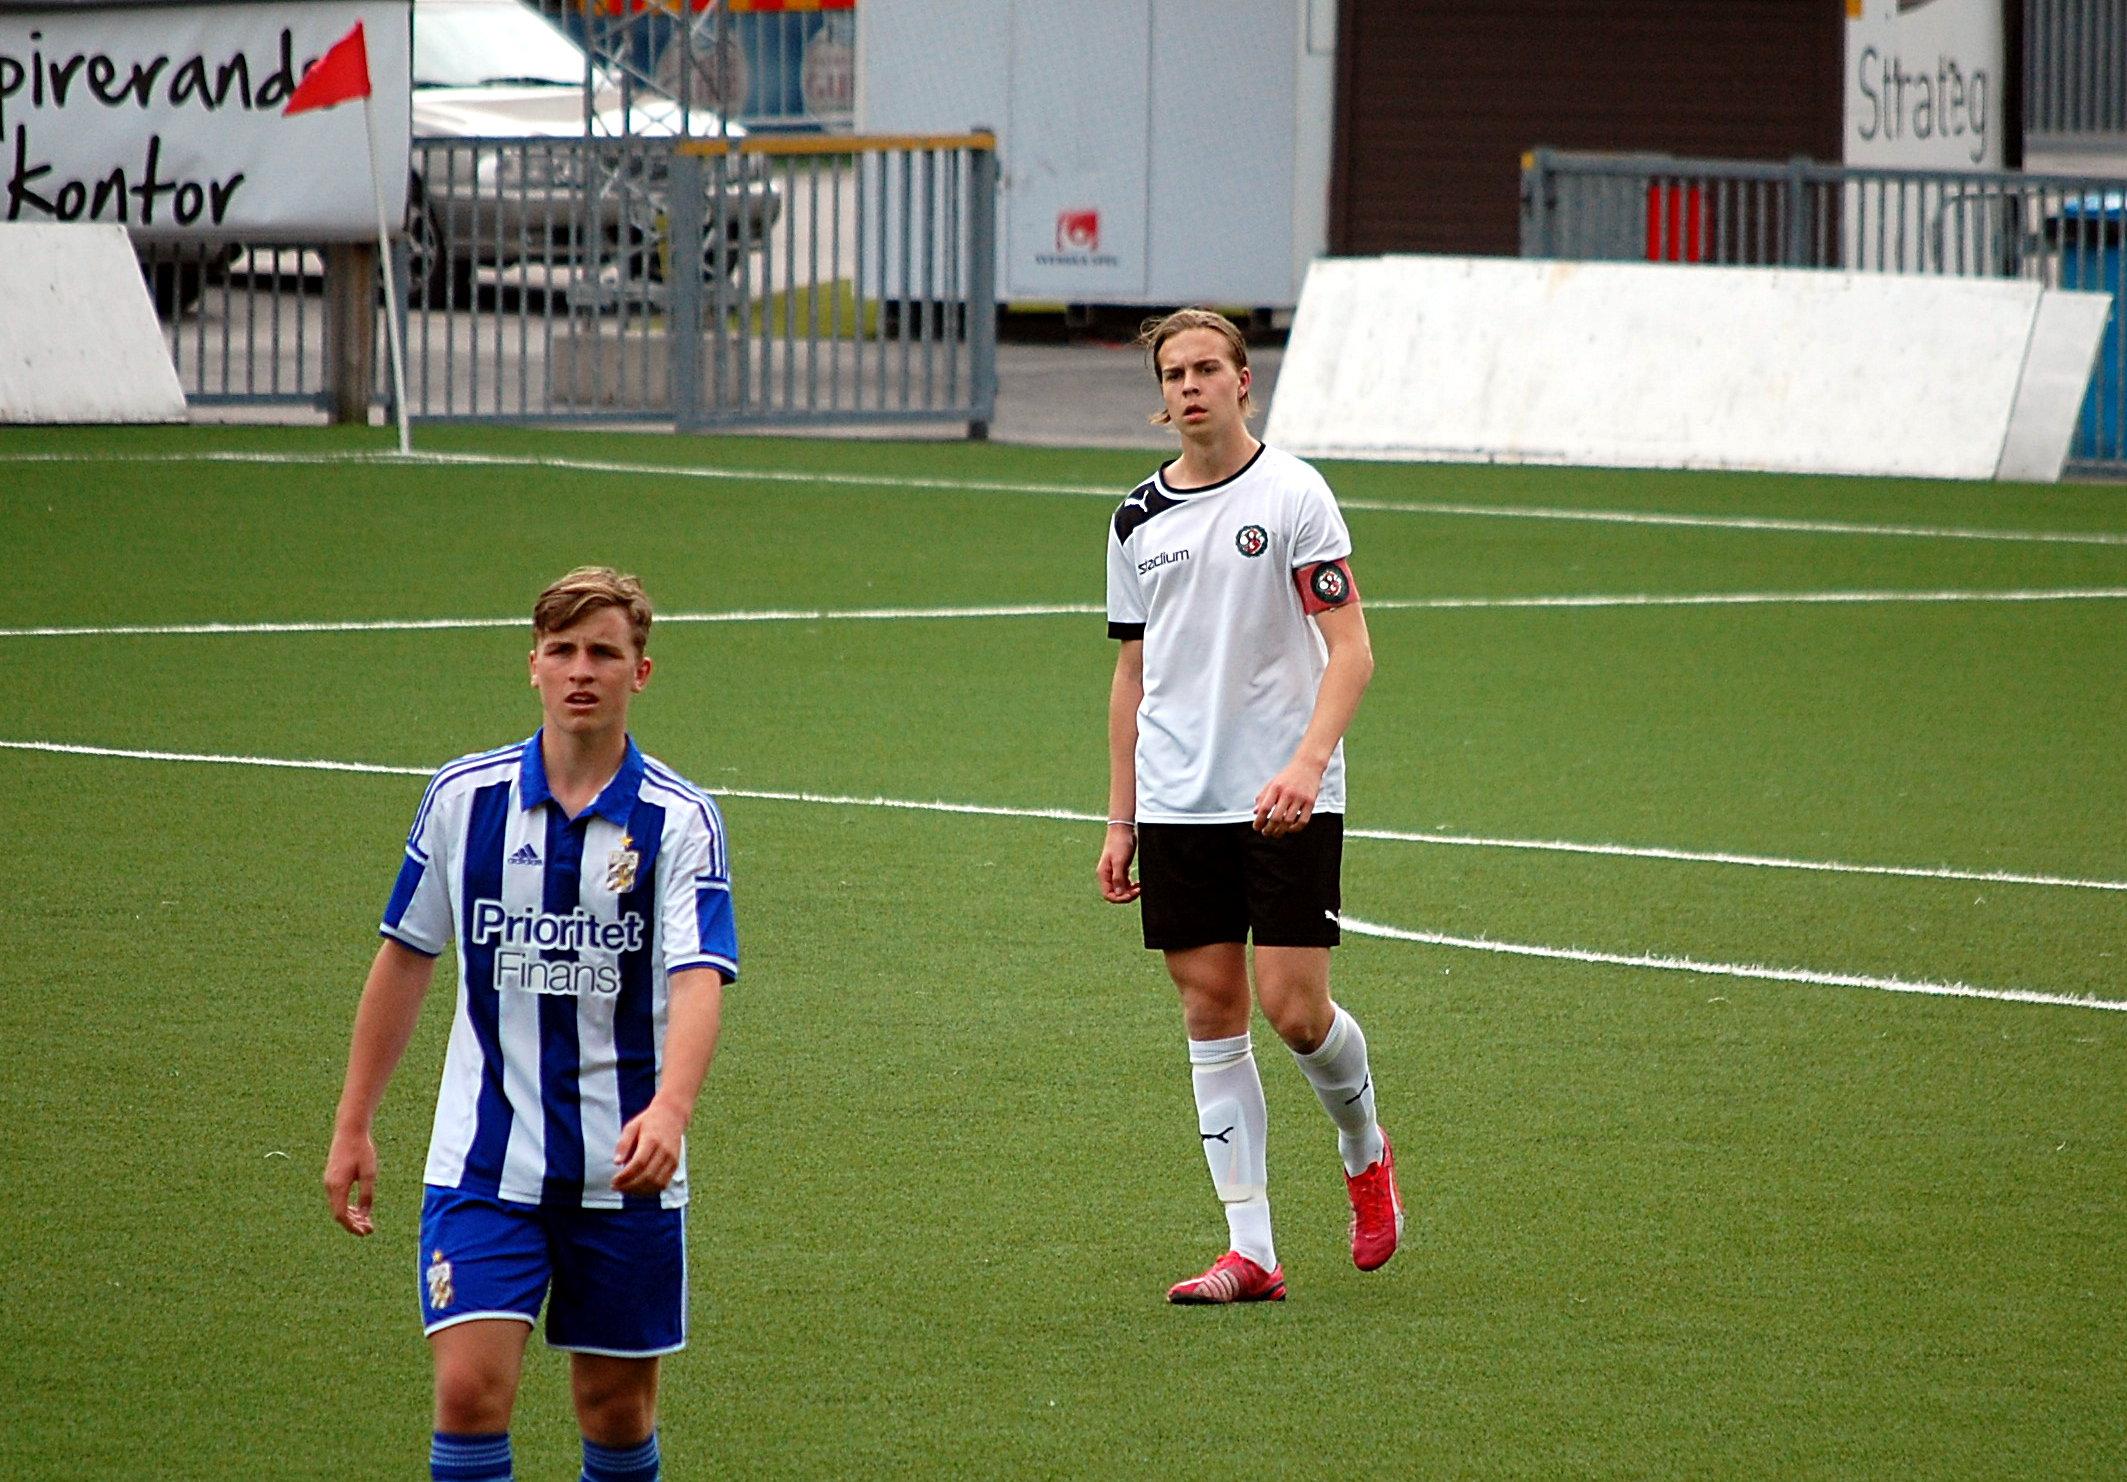 Albin Zidaric  Matchvinnare mot IFK Norrköping. Oliver Kåhed har spelat  klart för ÖSK och återvänder till Värmland. Alex Hahne 32f3e1d679a9f